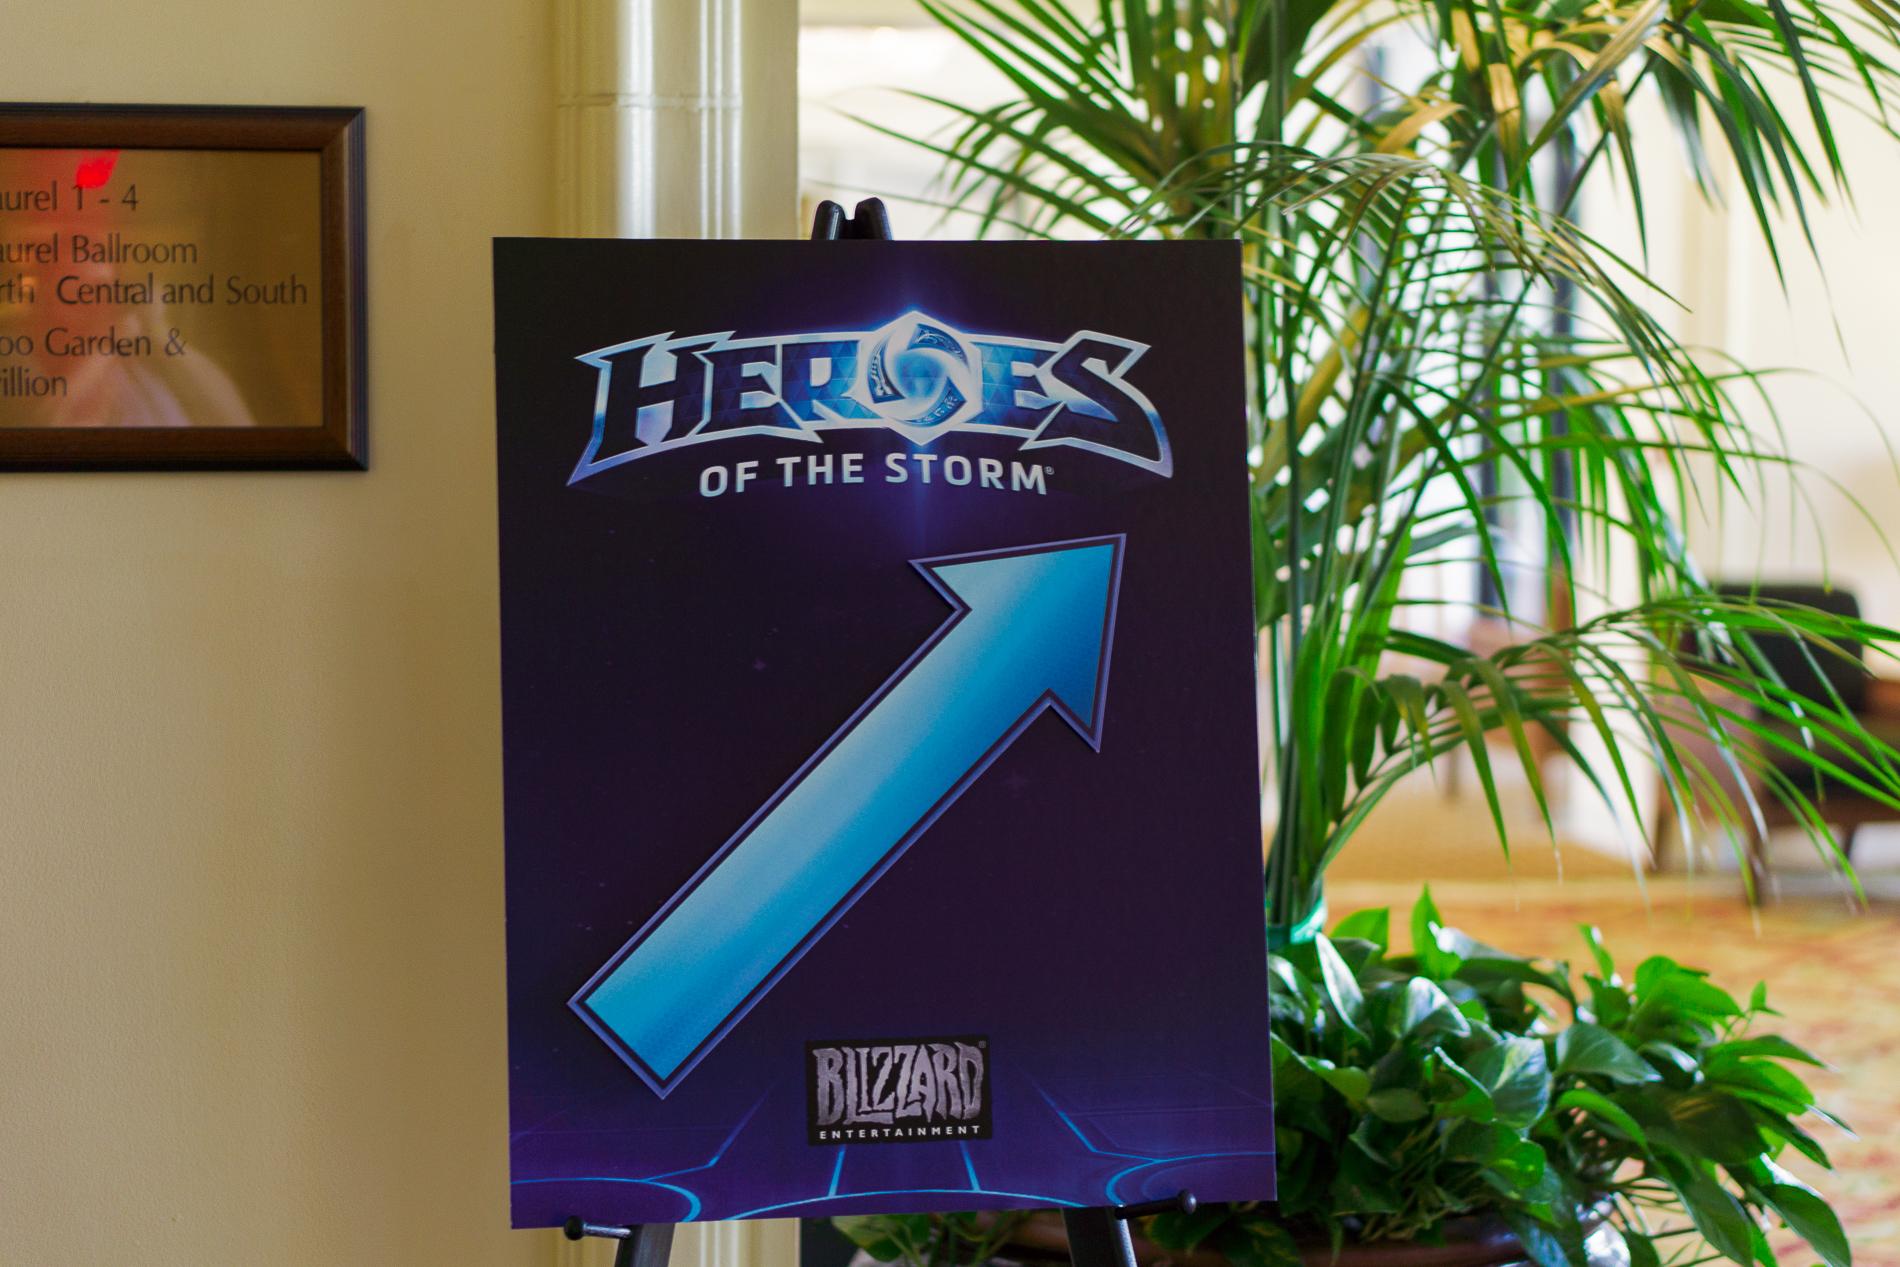 Heroes of the storm - мероприятие для прессы и сообщества